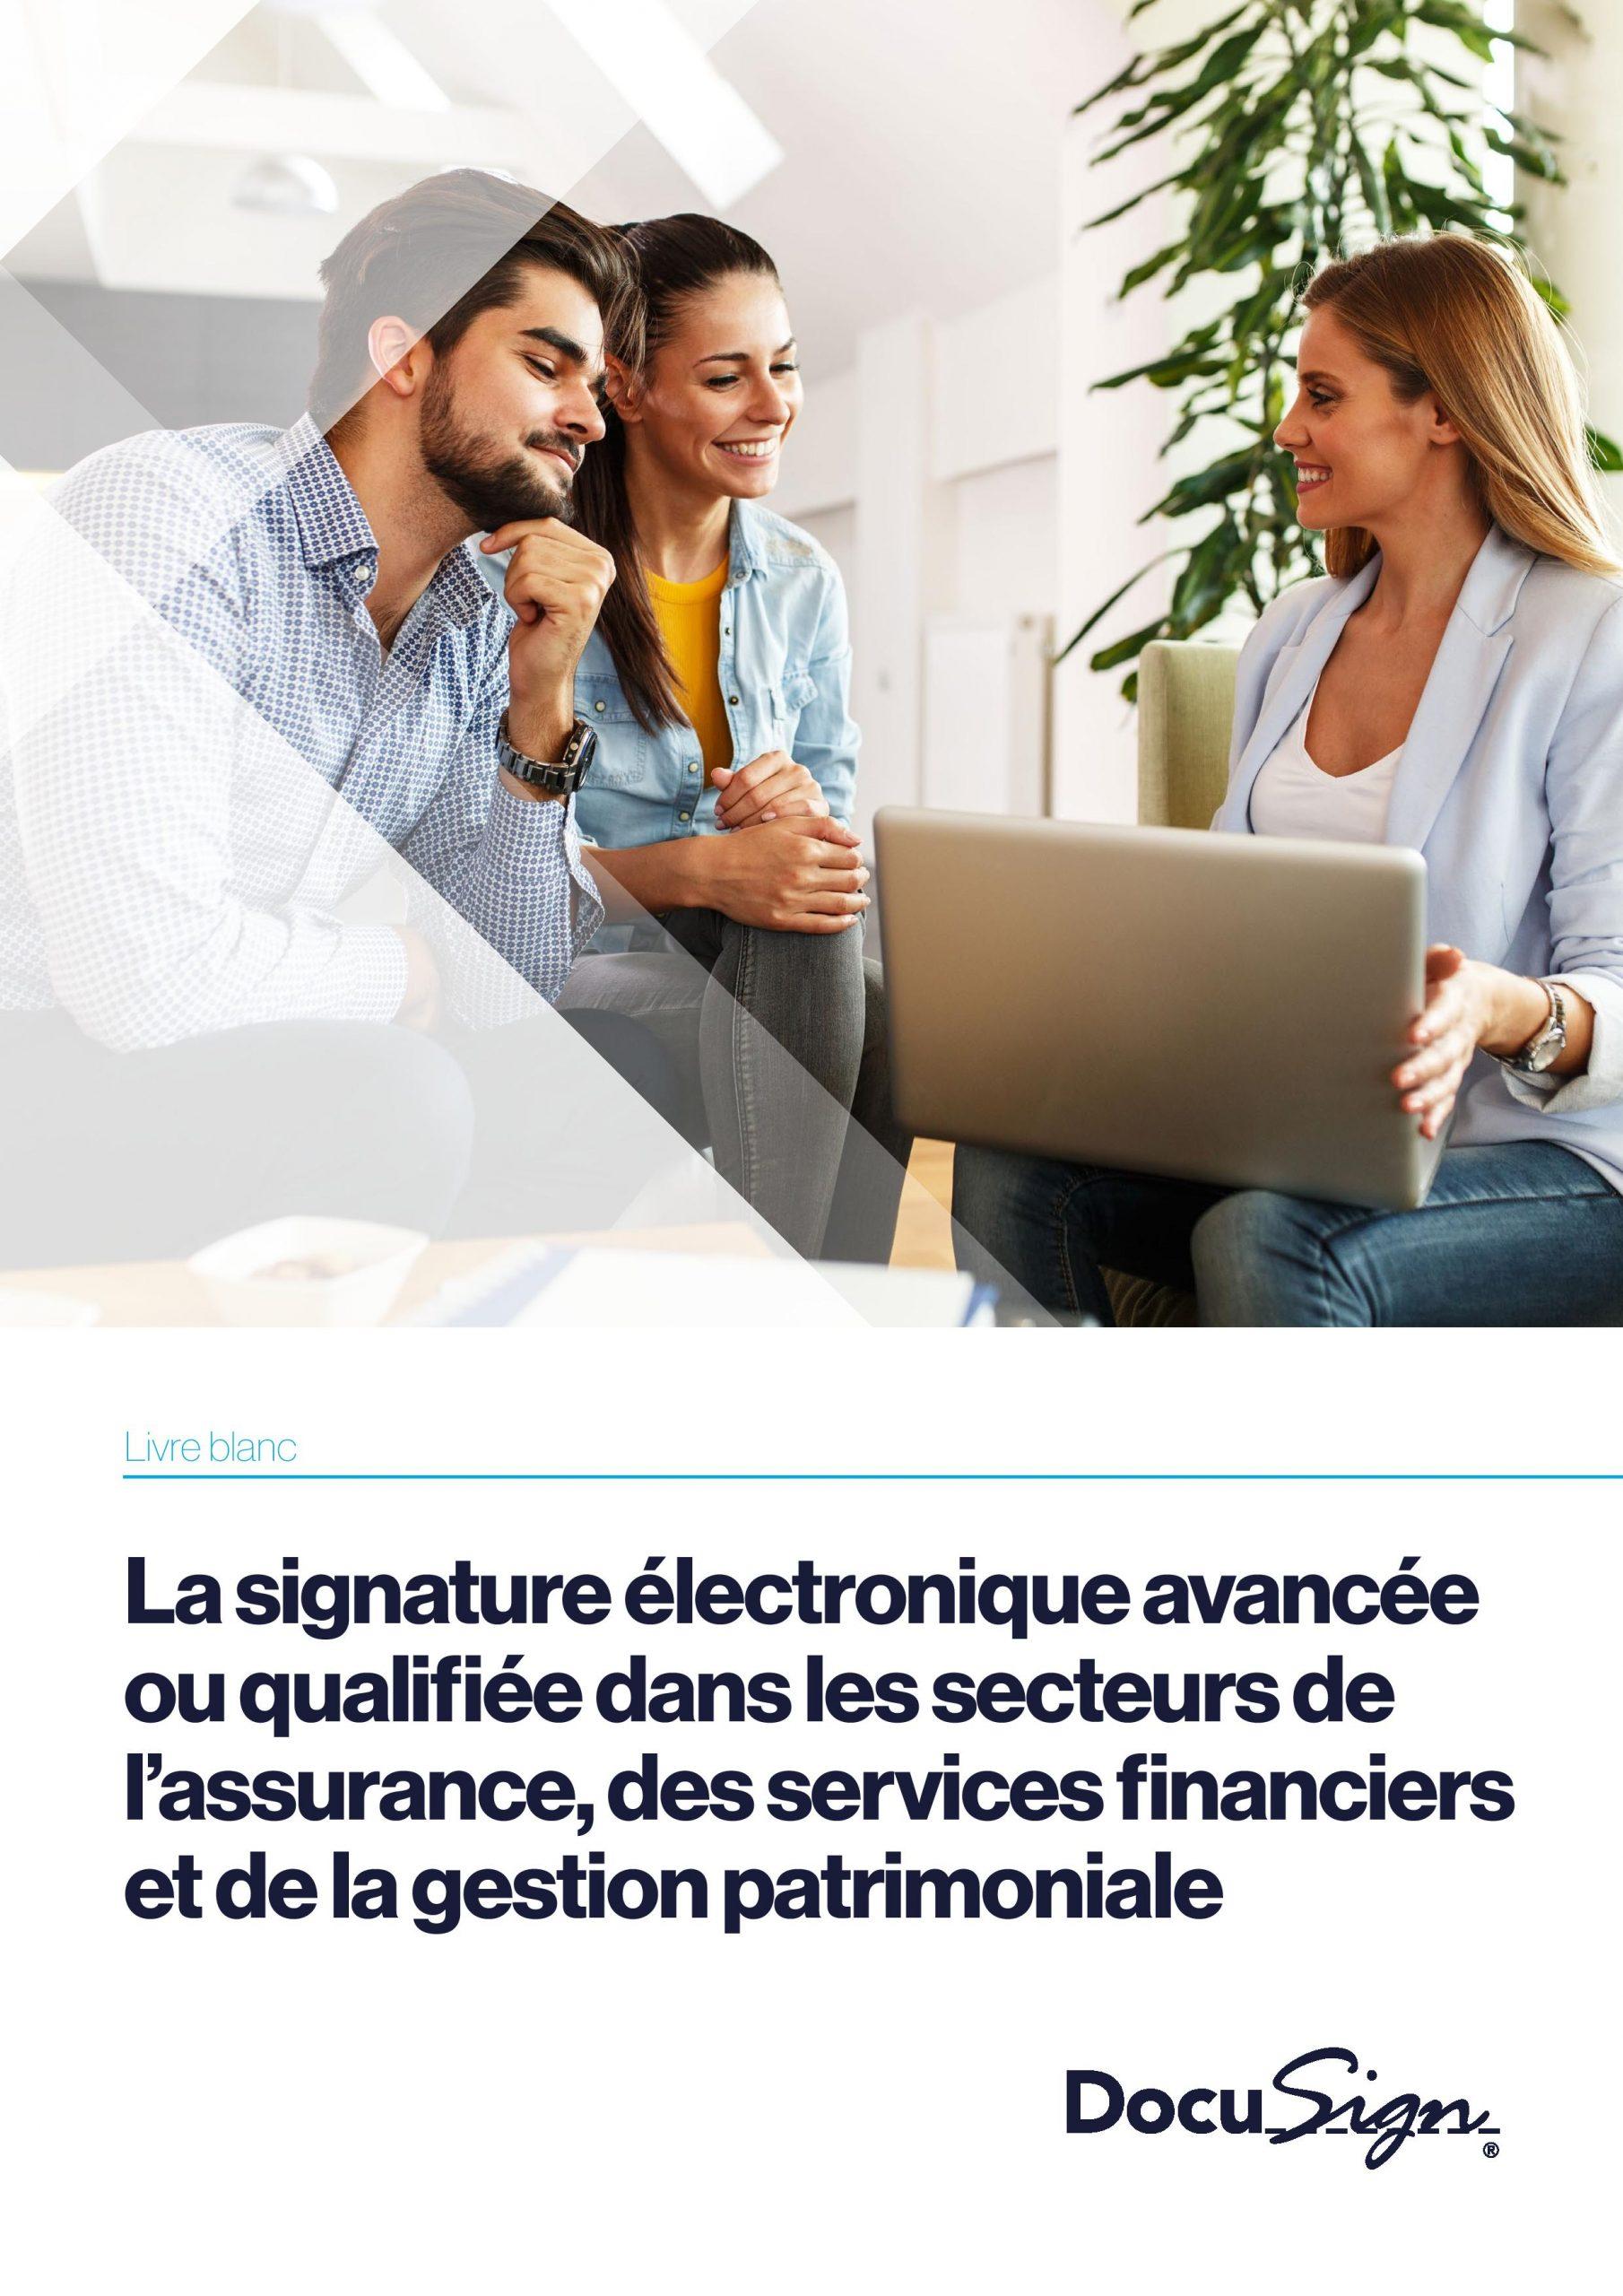 La signature électronique avancée ou qualifiée pour la bancassurance